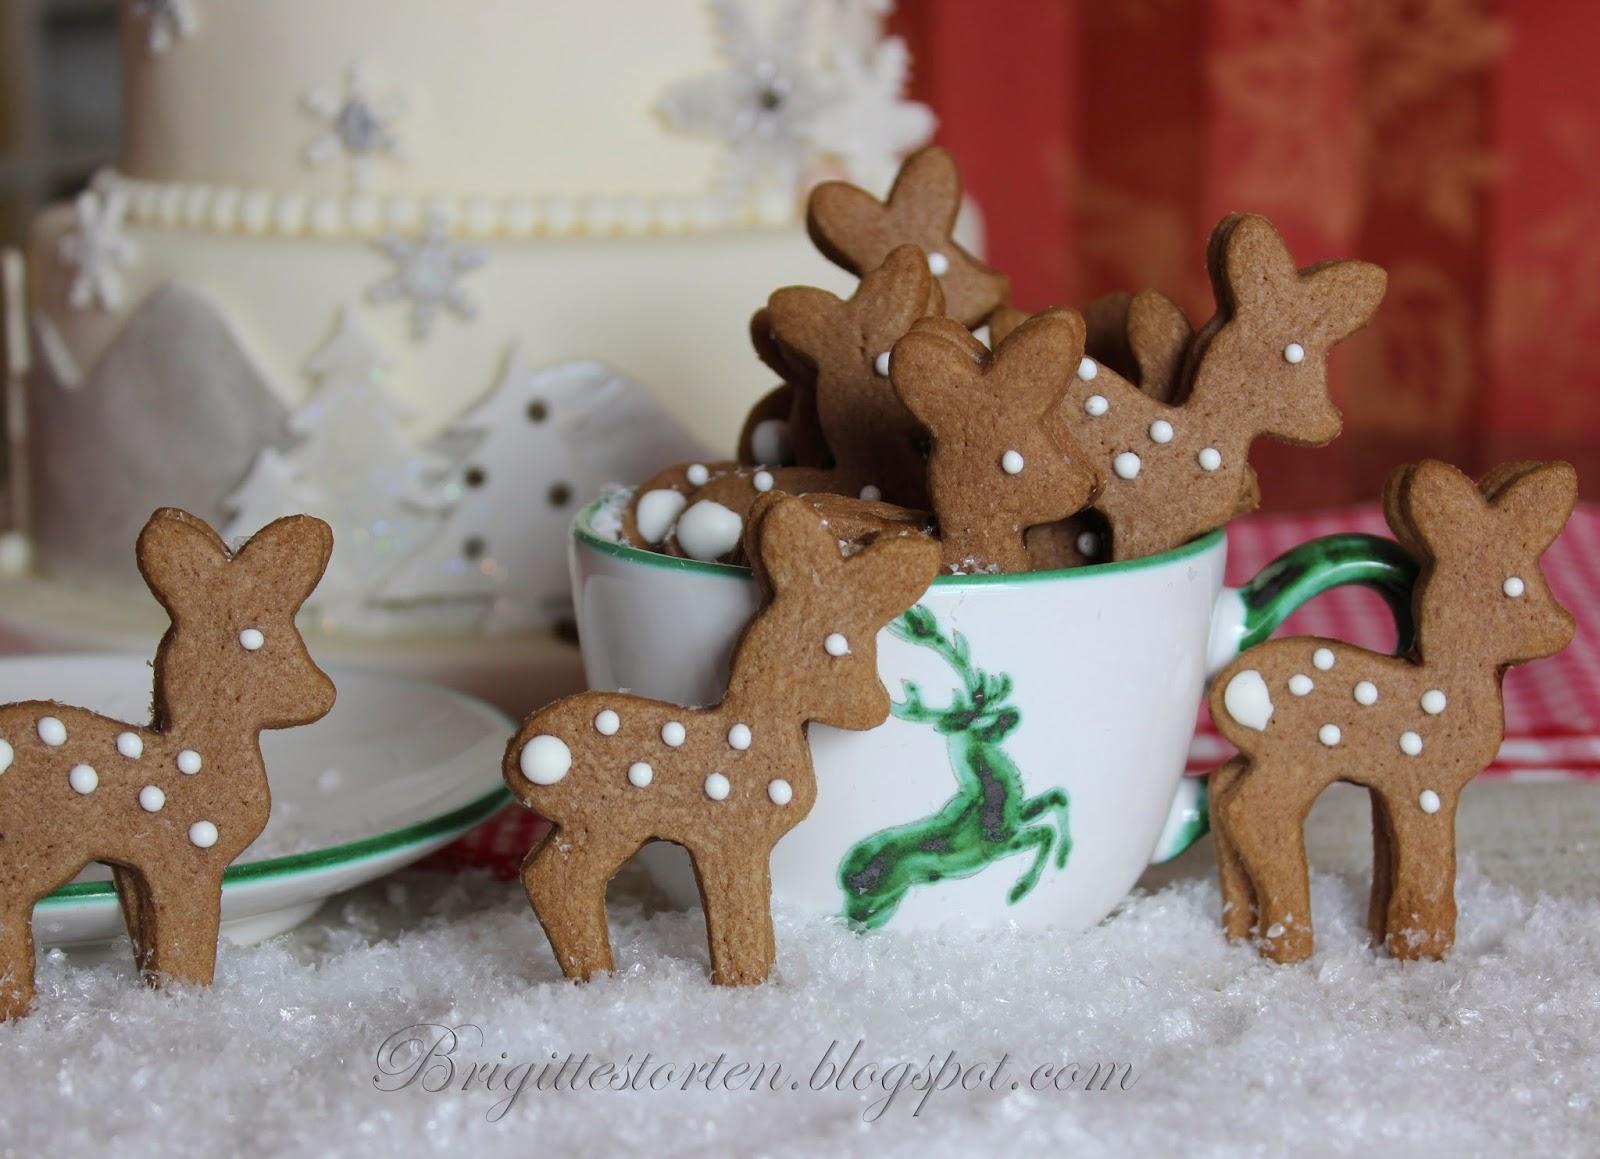 Bambis backen in der Adventszeit  Brigittes Tortendesign